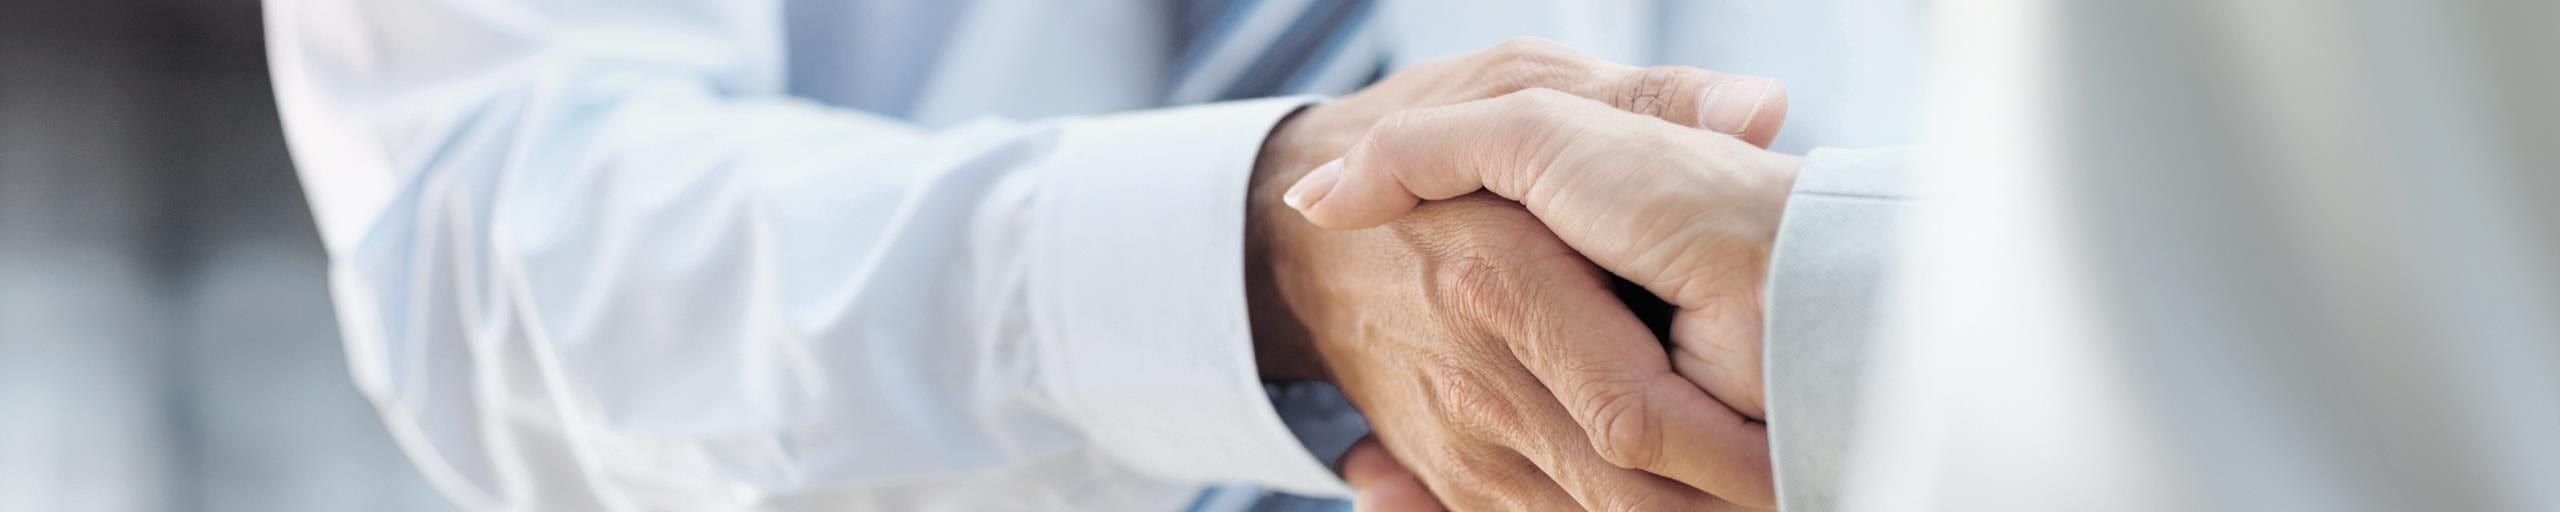 Un uomo e una donna si danno la mano.